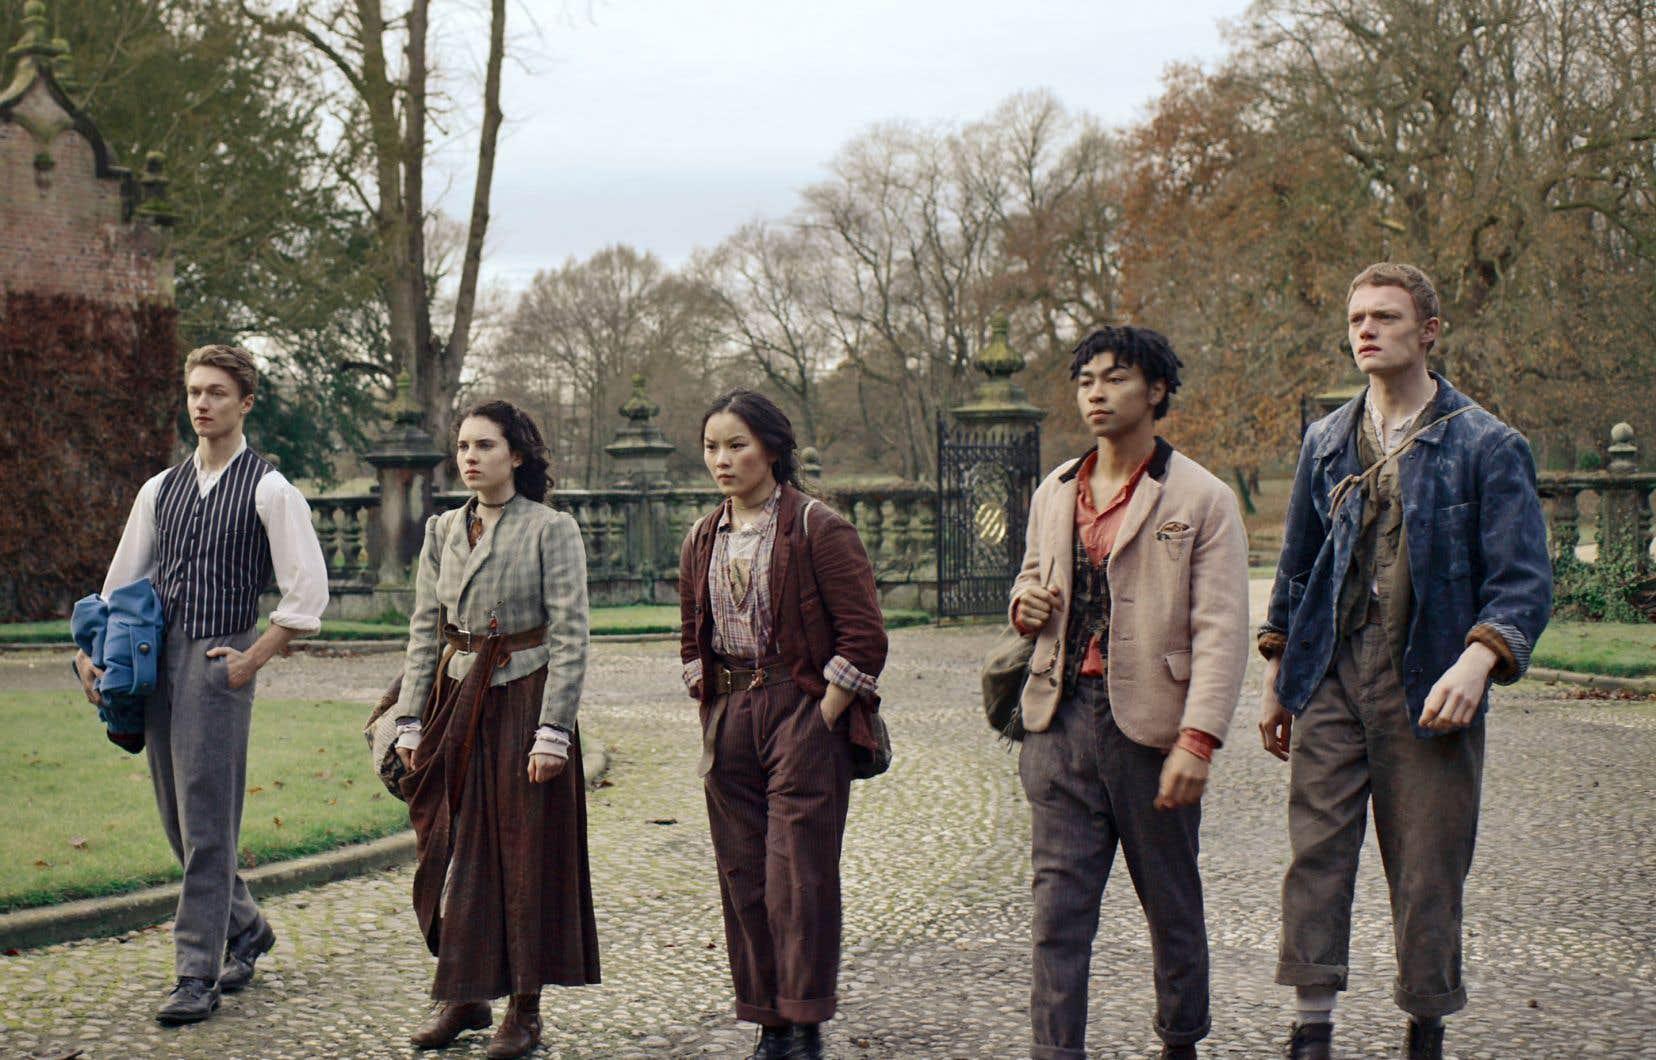 Les irréguliers de la série imaginée par Tom Bidwell semblent avoir effectué quelques stages intensifs en compagnie de Harry Potter, pris dans un tourbillon d'événements surnaturels et de forces maléfiques qui s'abattent sans interruption sur la capitale britannique.